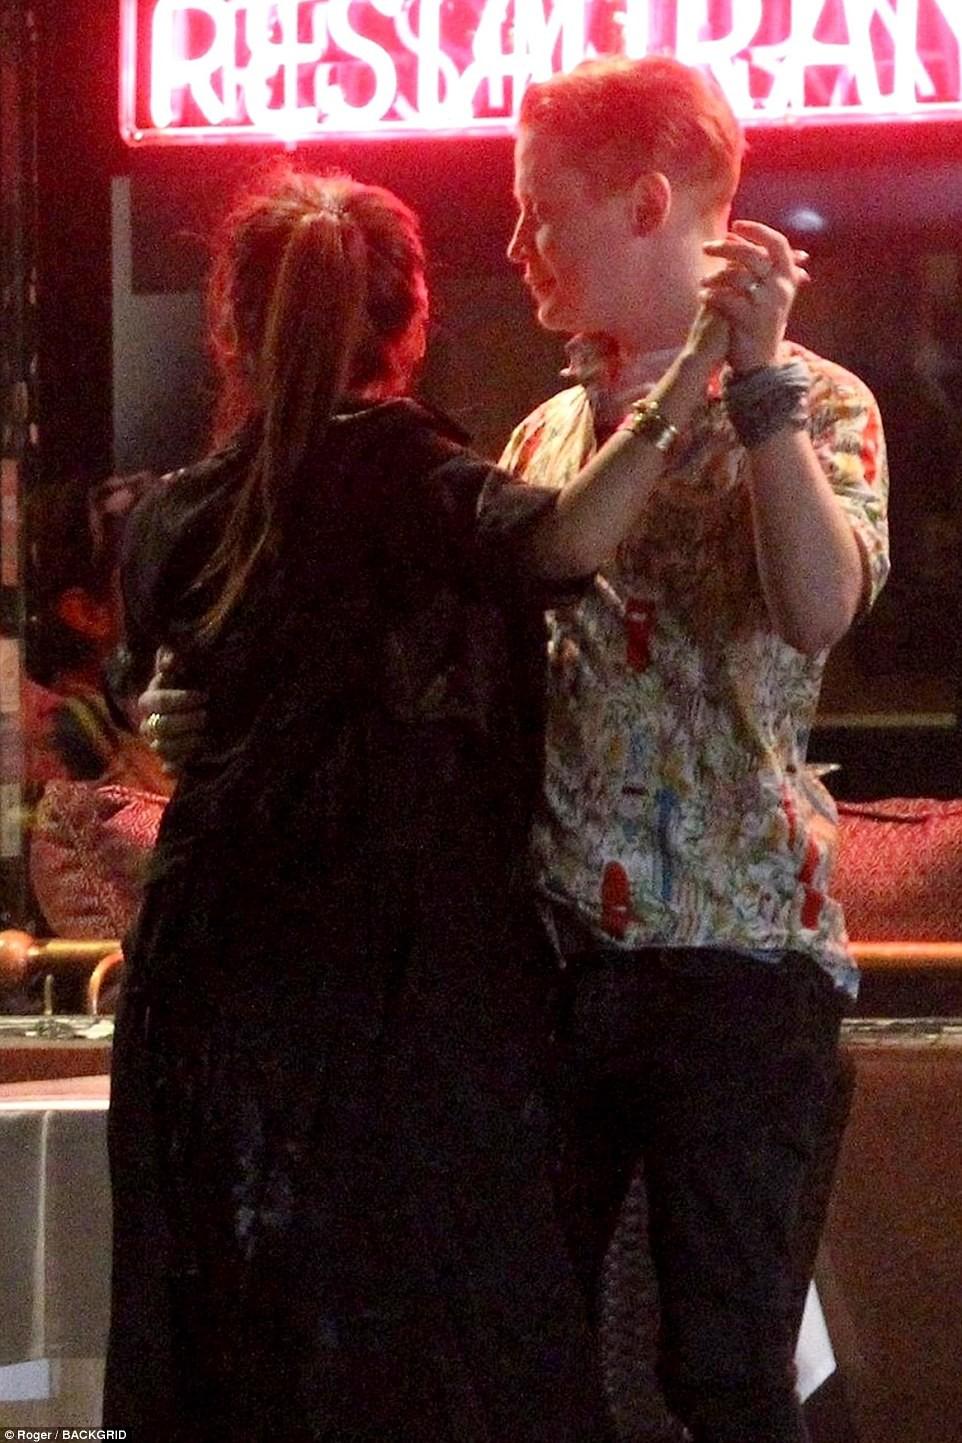 Con gái Michael Jackson xác nhận hẹn hò đồng giới với Cara Delevingne bằng nụ hôn môi đắm đuối - Ảnh 10.